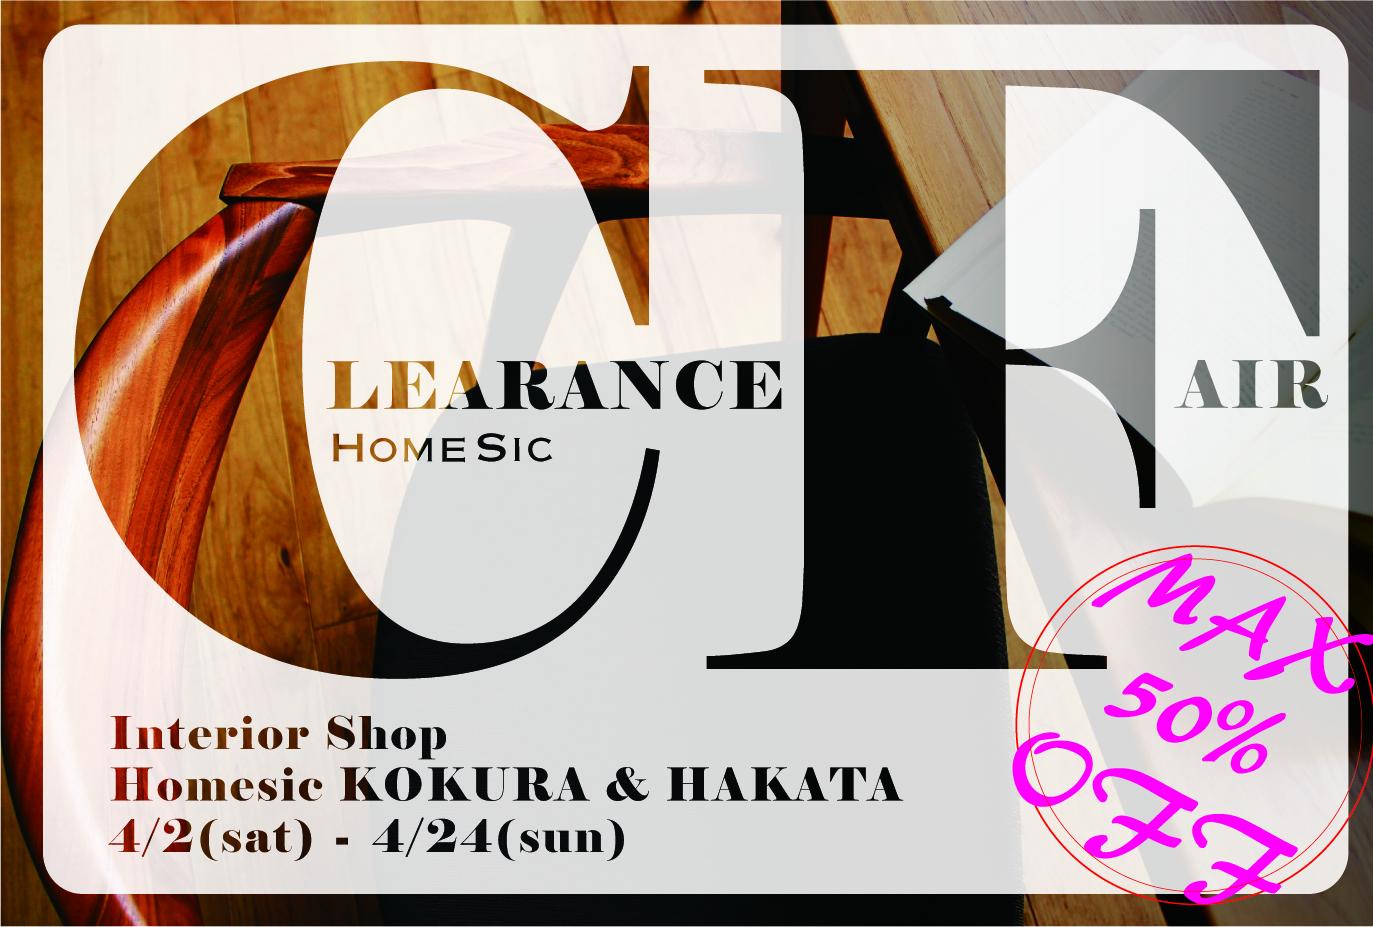 CLEARANCE FAIR 開催!! 4/2(sat)-4/24(sun)